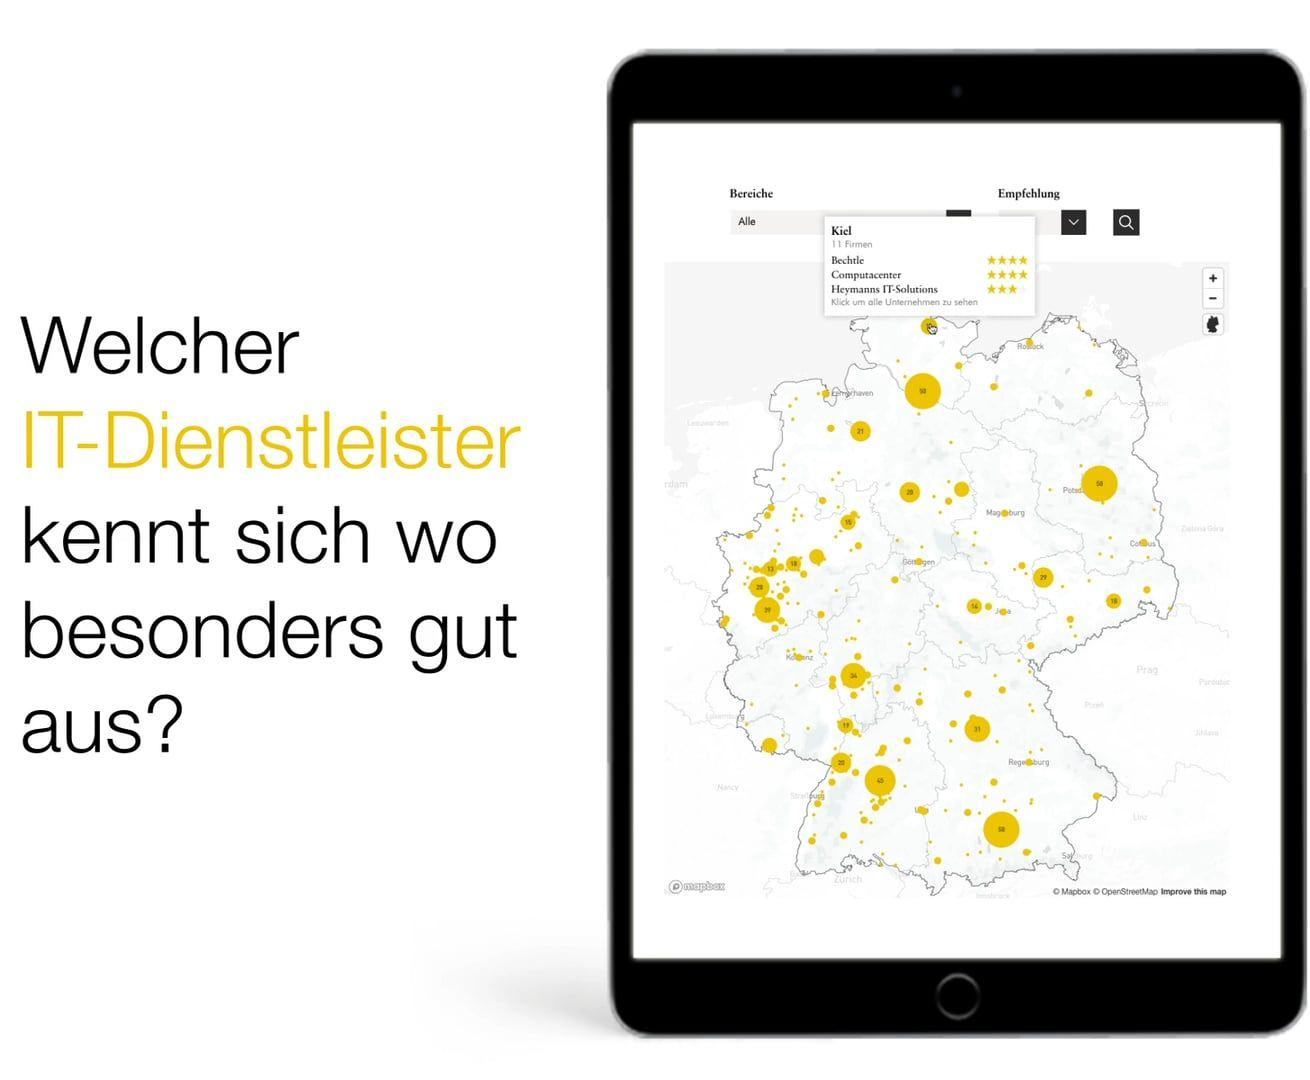 deutschlandkarte interaktiv brand eins /thema IT Dienstleister – Interaktive Deutschlandkarte